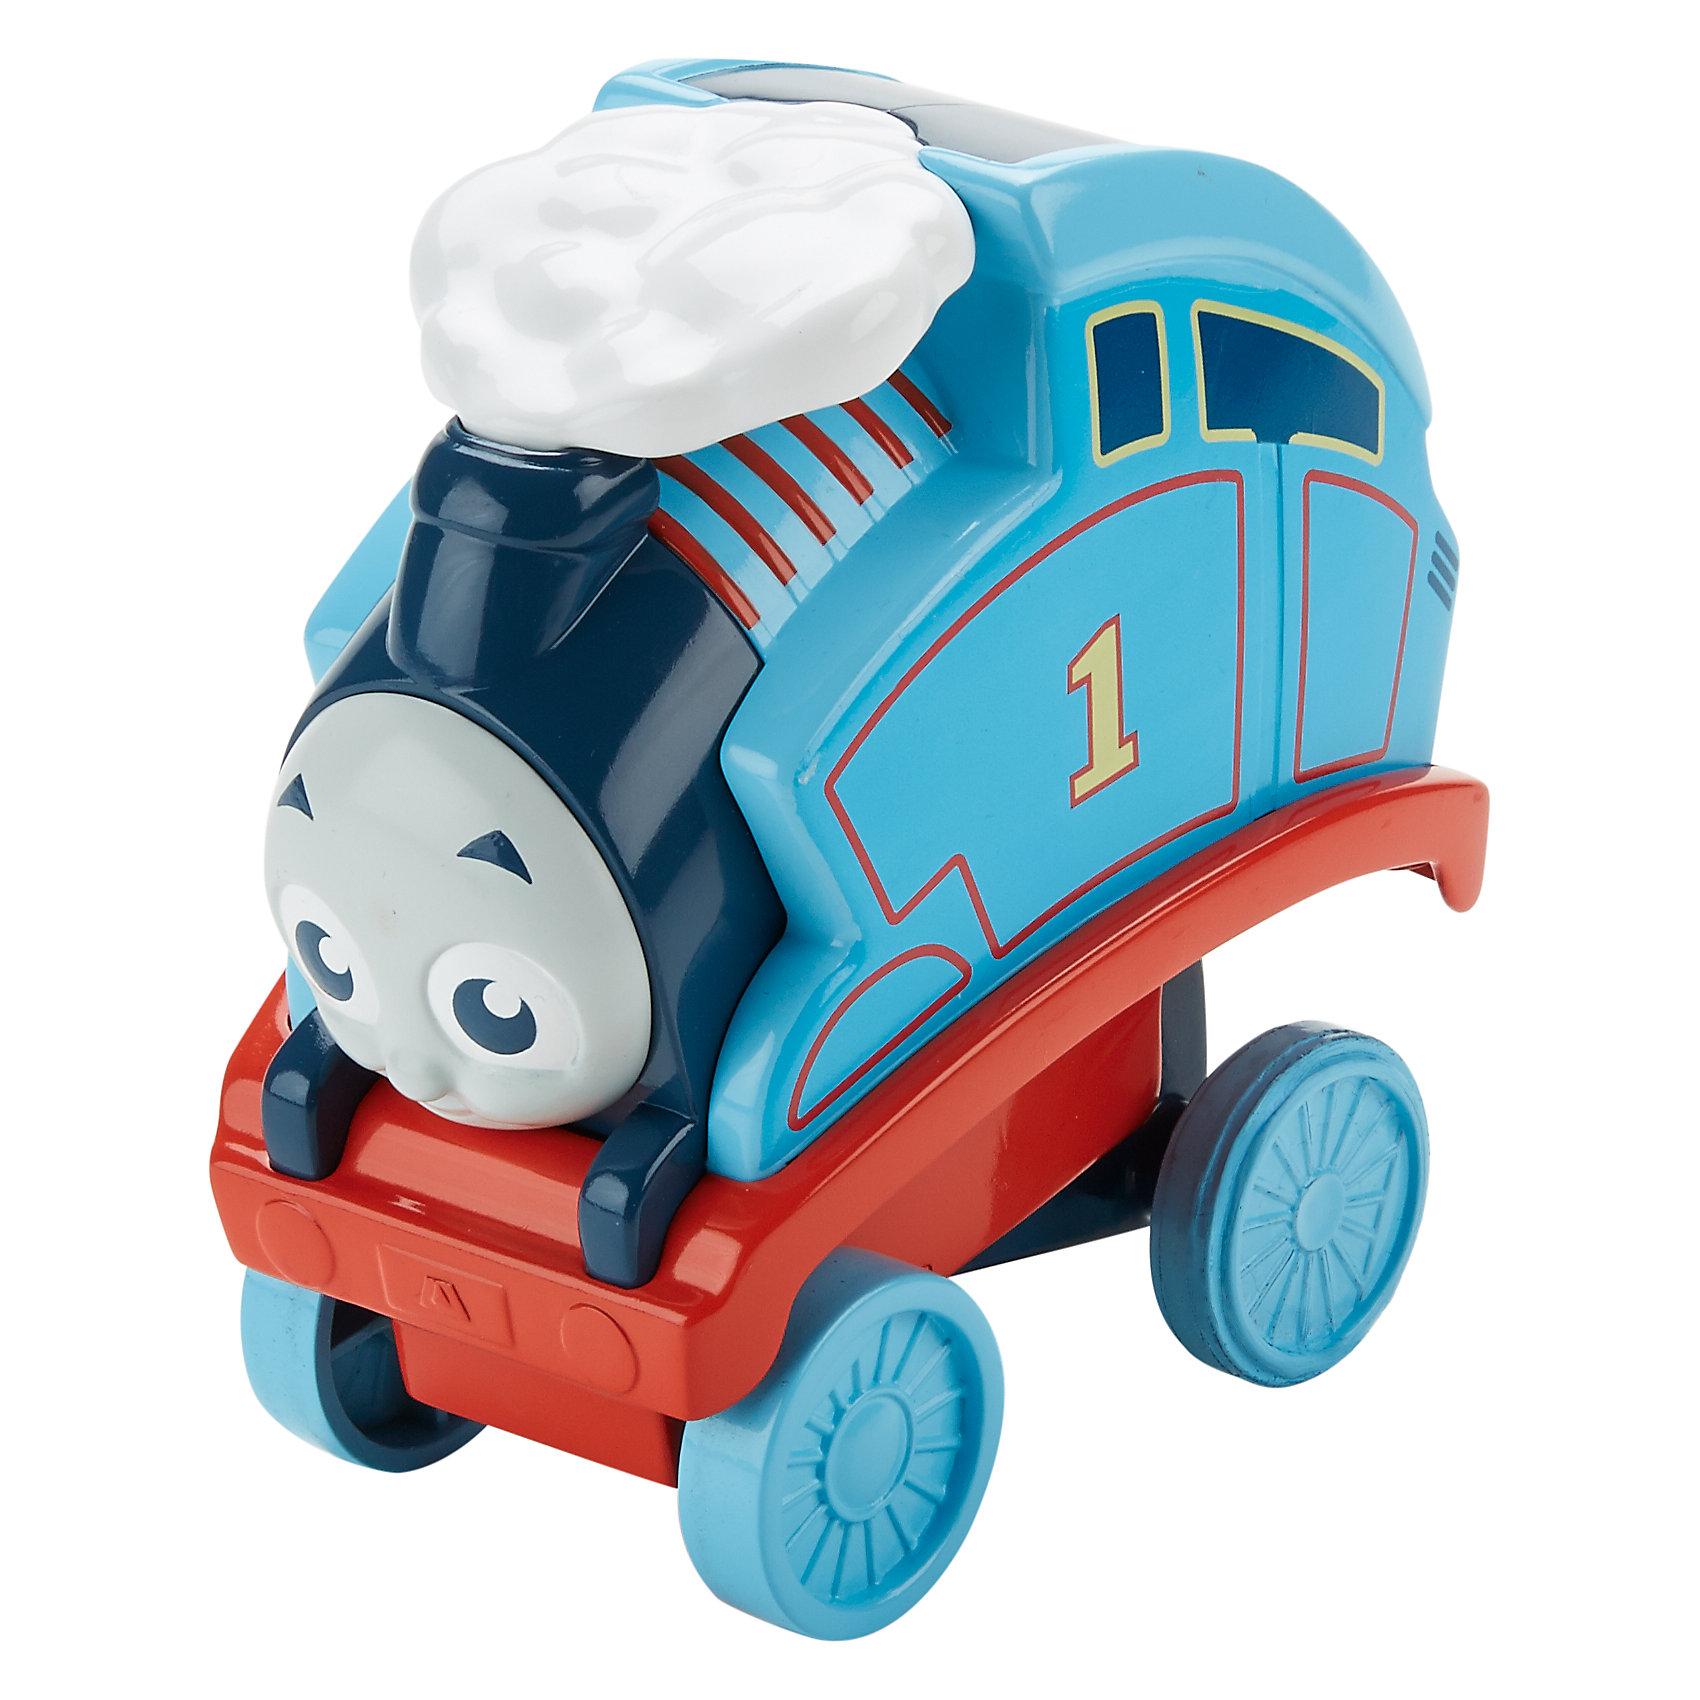 Переворачивающийся паровозик Томас, Томас и его друзьяПопулярные игрушки<br>Характеристики товара:<br><br>• комплектация: паровозик Перси, упаковка<br>• материал: пластик<br>• серия: Thomas &amp; Friends<br>• возраст: от трех лет<br>• габариты упаковки:  8х18х18см<br>• срок годности: не ограничен<br>• страна бренда: США<br><br>Паровозик Томас любит пробовать новые формы игры. Теперь он научился переворачиваться через голову и при этом не падать! Активируется сальто паровозика путем нажатия на специальную кнопку. Стоит отметить, что все товары, выпускаемые компанией Mattel, полностью безопасны и соответствуют международным  требованиям по качеству материалов.<br><br>Товар «Переворачивающийся паровозик Томас, Томас и его друзья» можно приобрести в нашем интернет-магазине.<br><br>Ширина мм: 80<br>Глубина мм: 180<br>Высота мм: 180<br>Вес г: 373<br>Возраст от месяцев: 18<br>Возраст до месяцев: 48<br>Пол: Мужской<br>Возраст: Детский<br>SKU: 5434138